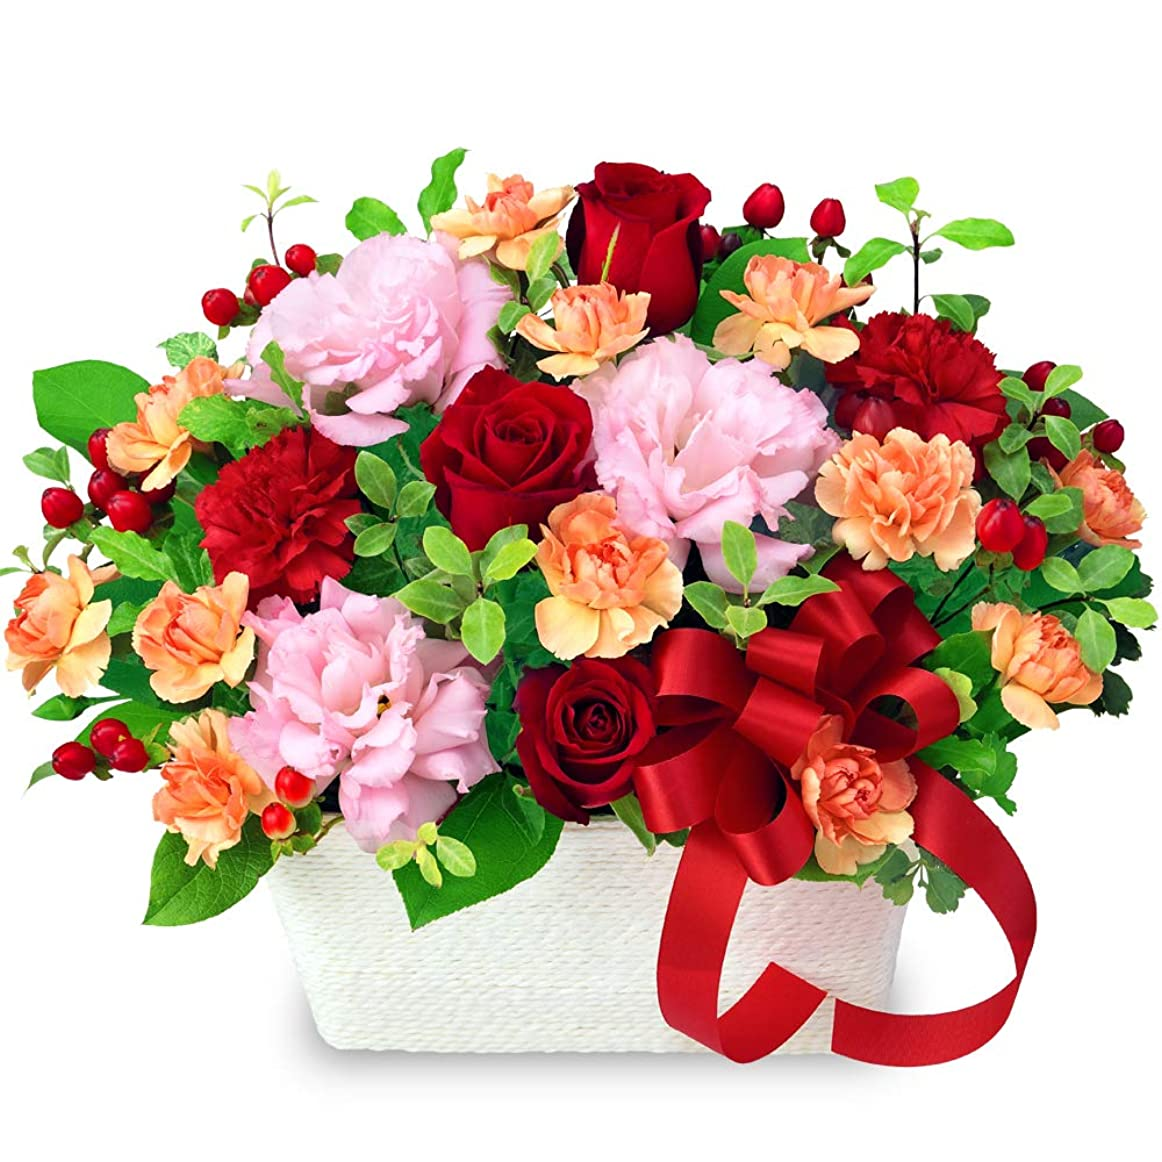 漂流透過性精算【結婚祝】赤バラとリボンのアレンジメント yd00-512085 花キューピット 花 ギフト お祝い 記念日 プレゼント 生花 祝花 妻 夫 ブライダル 誕生日 感謝 お礼